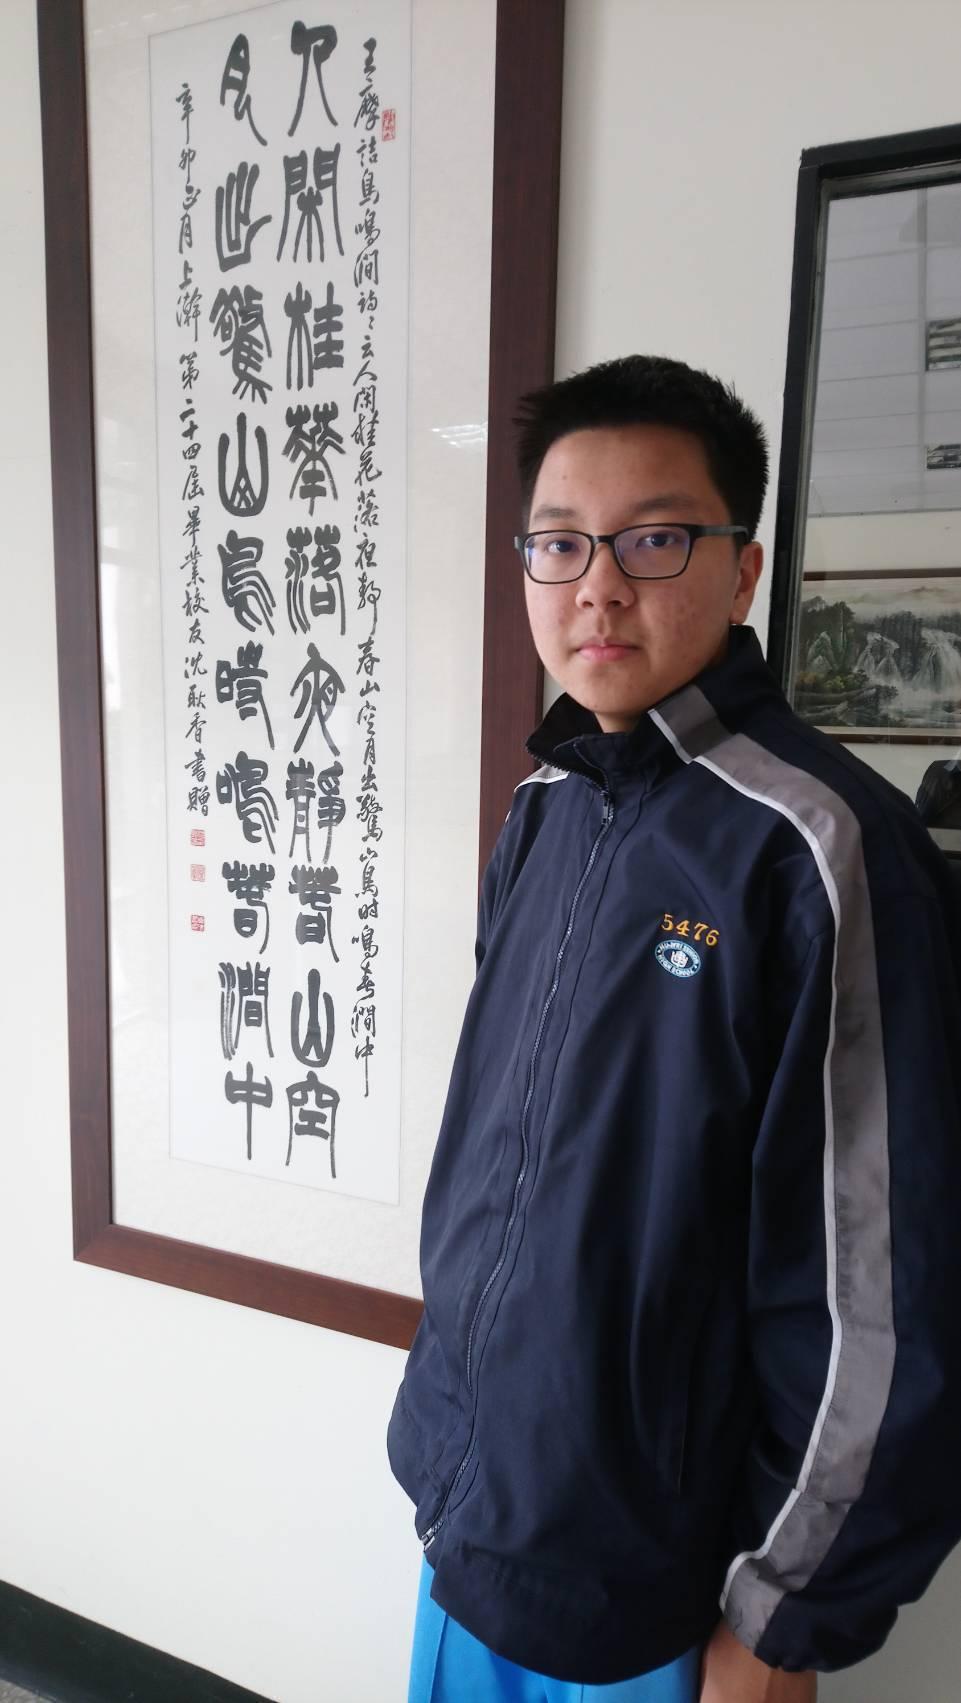 雲林縣虎尾高中學生王士晉,錄取電機系世界排名第11的香港科技大學工學院。圖/校方...